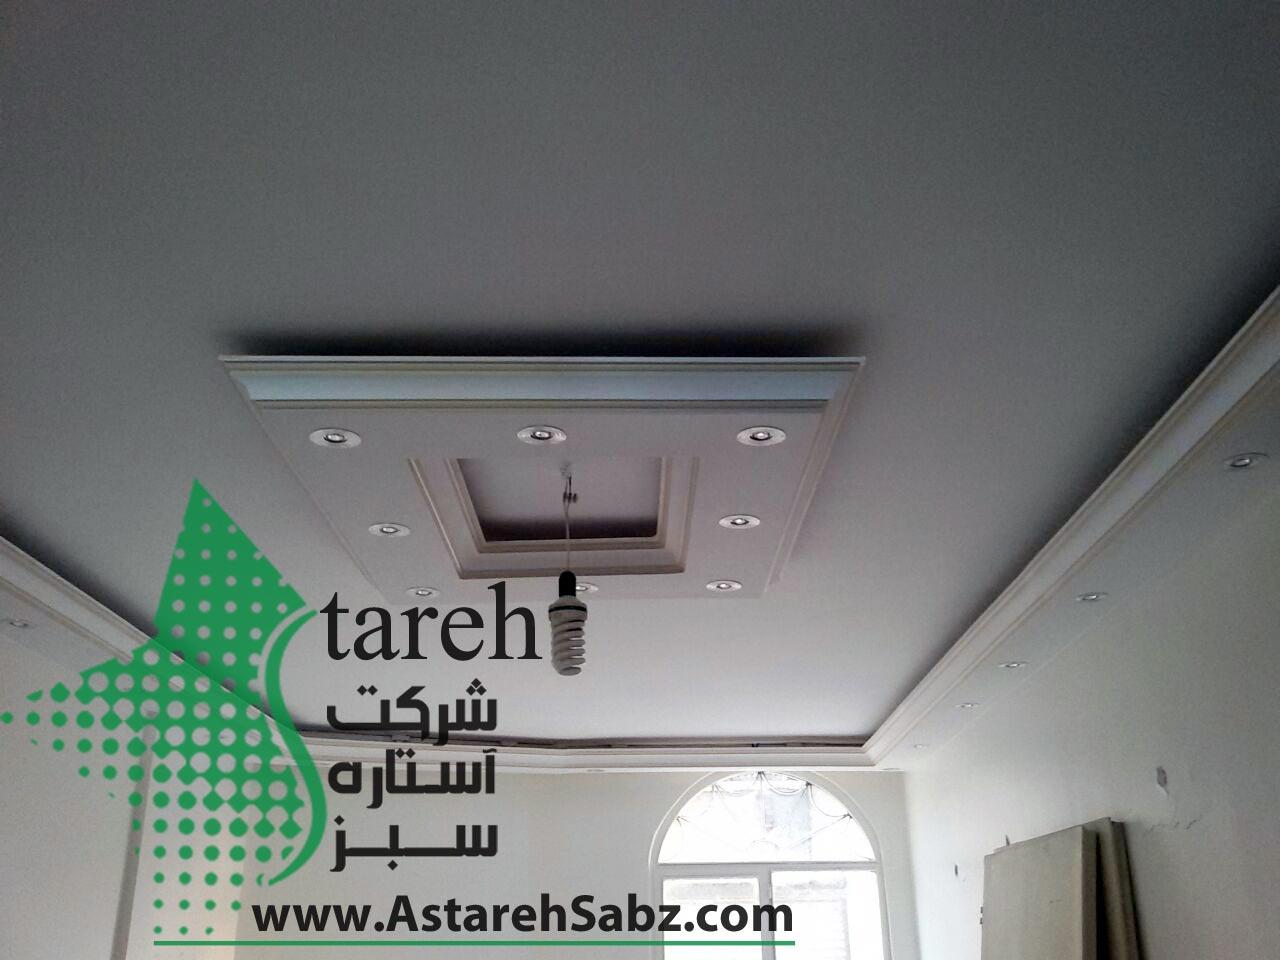 Astareh Sabz (142)